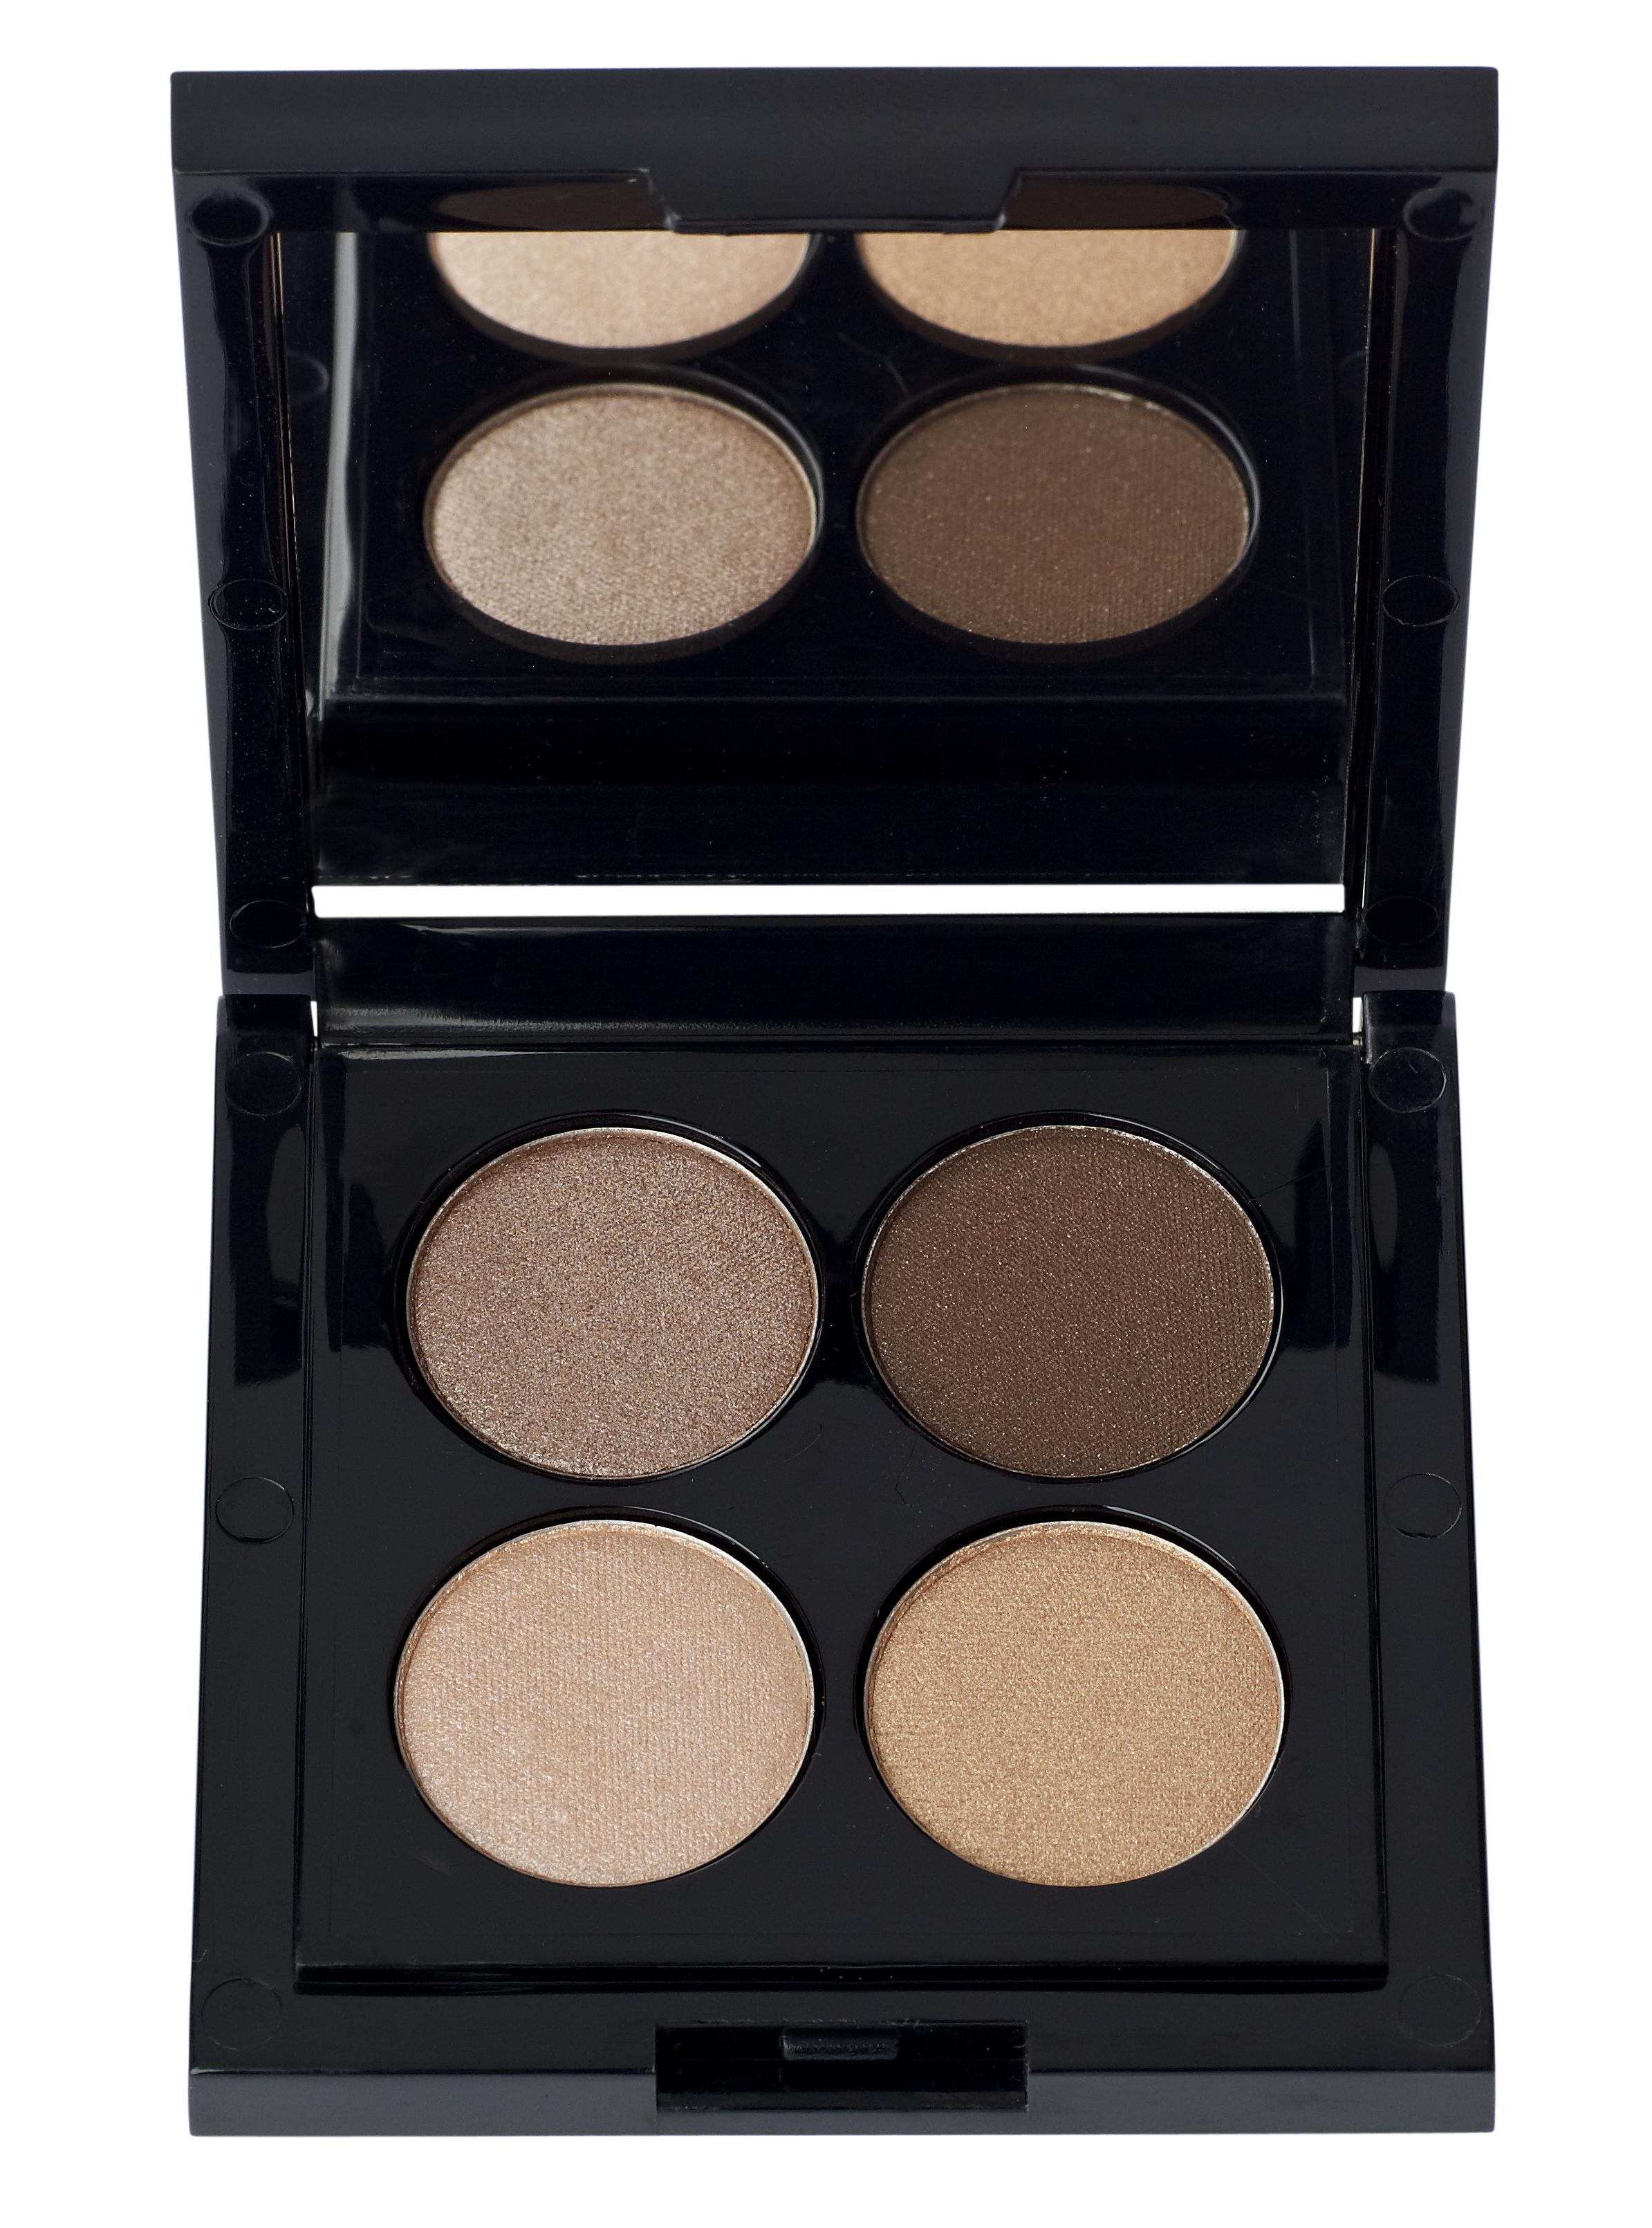 IDUN Minerals Eyeshadow Palette, brunkulla